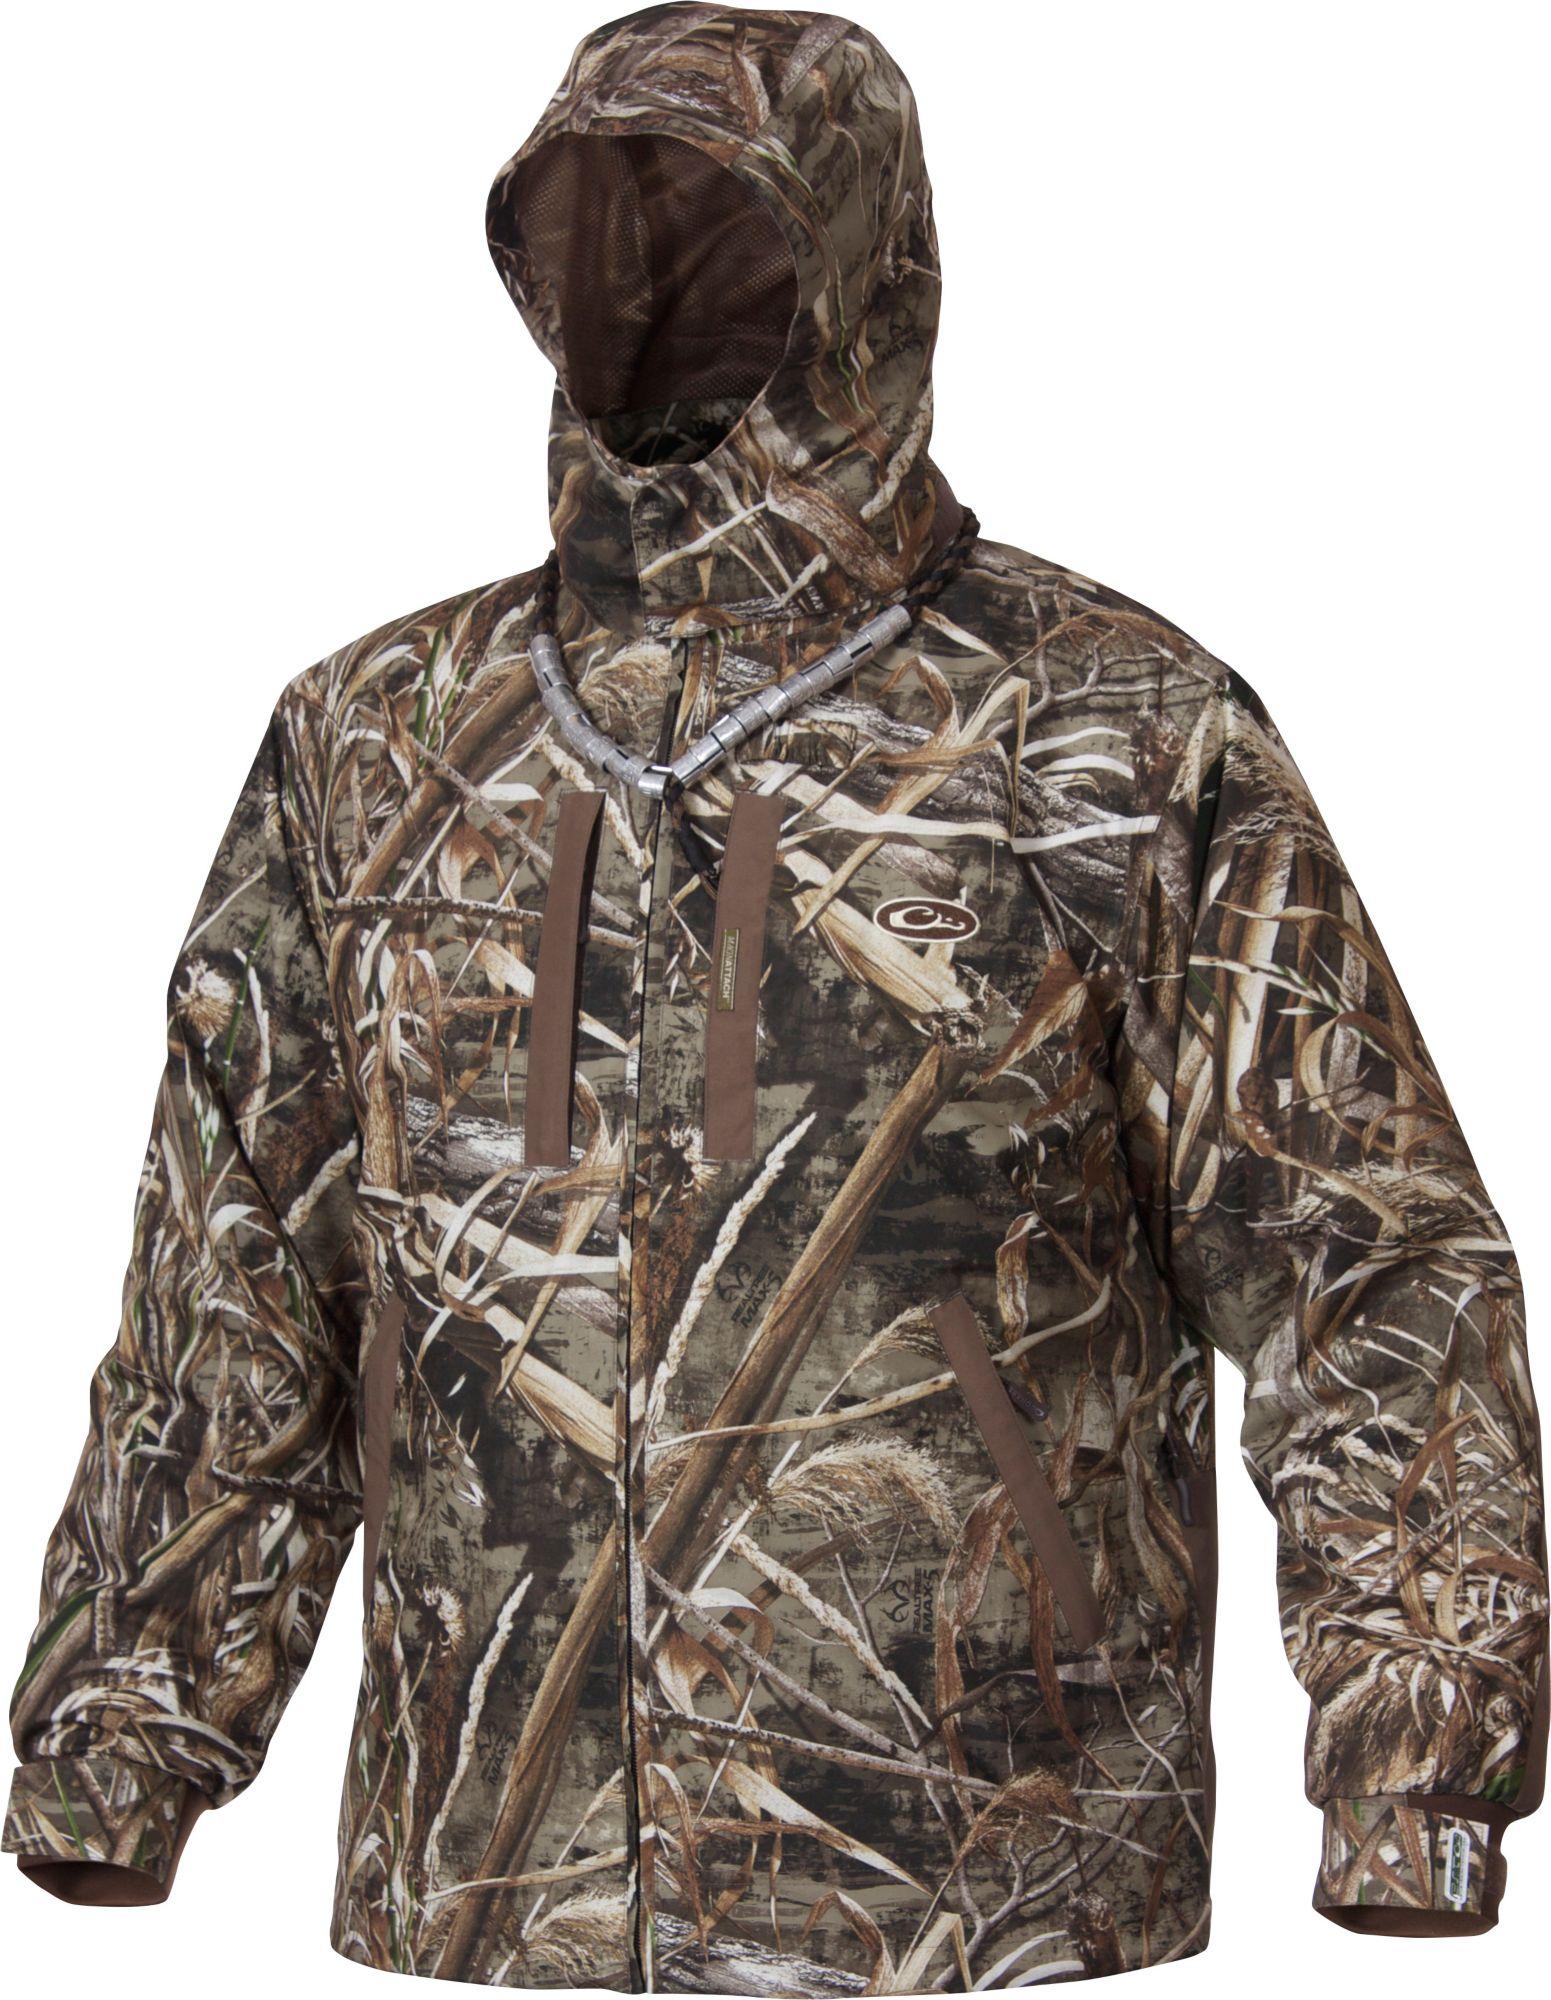 Drake Waterfowl EST Heat-Escape Full Zip Jacket, Men's, Small, Multi